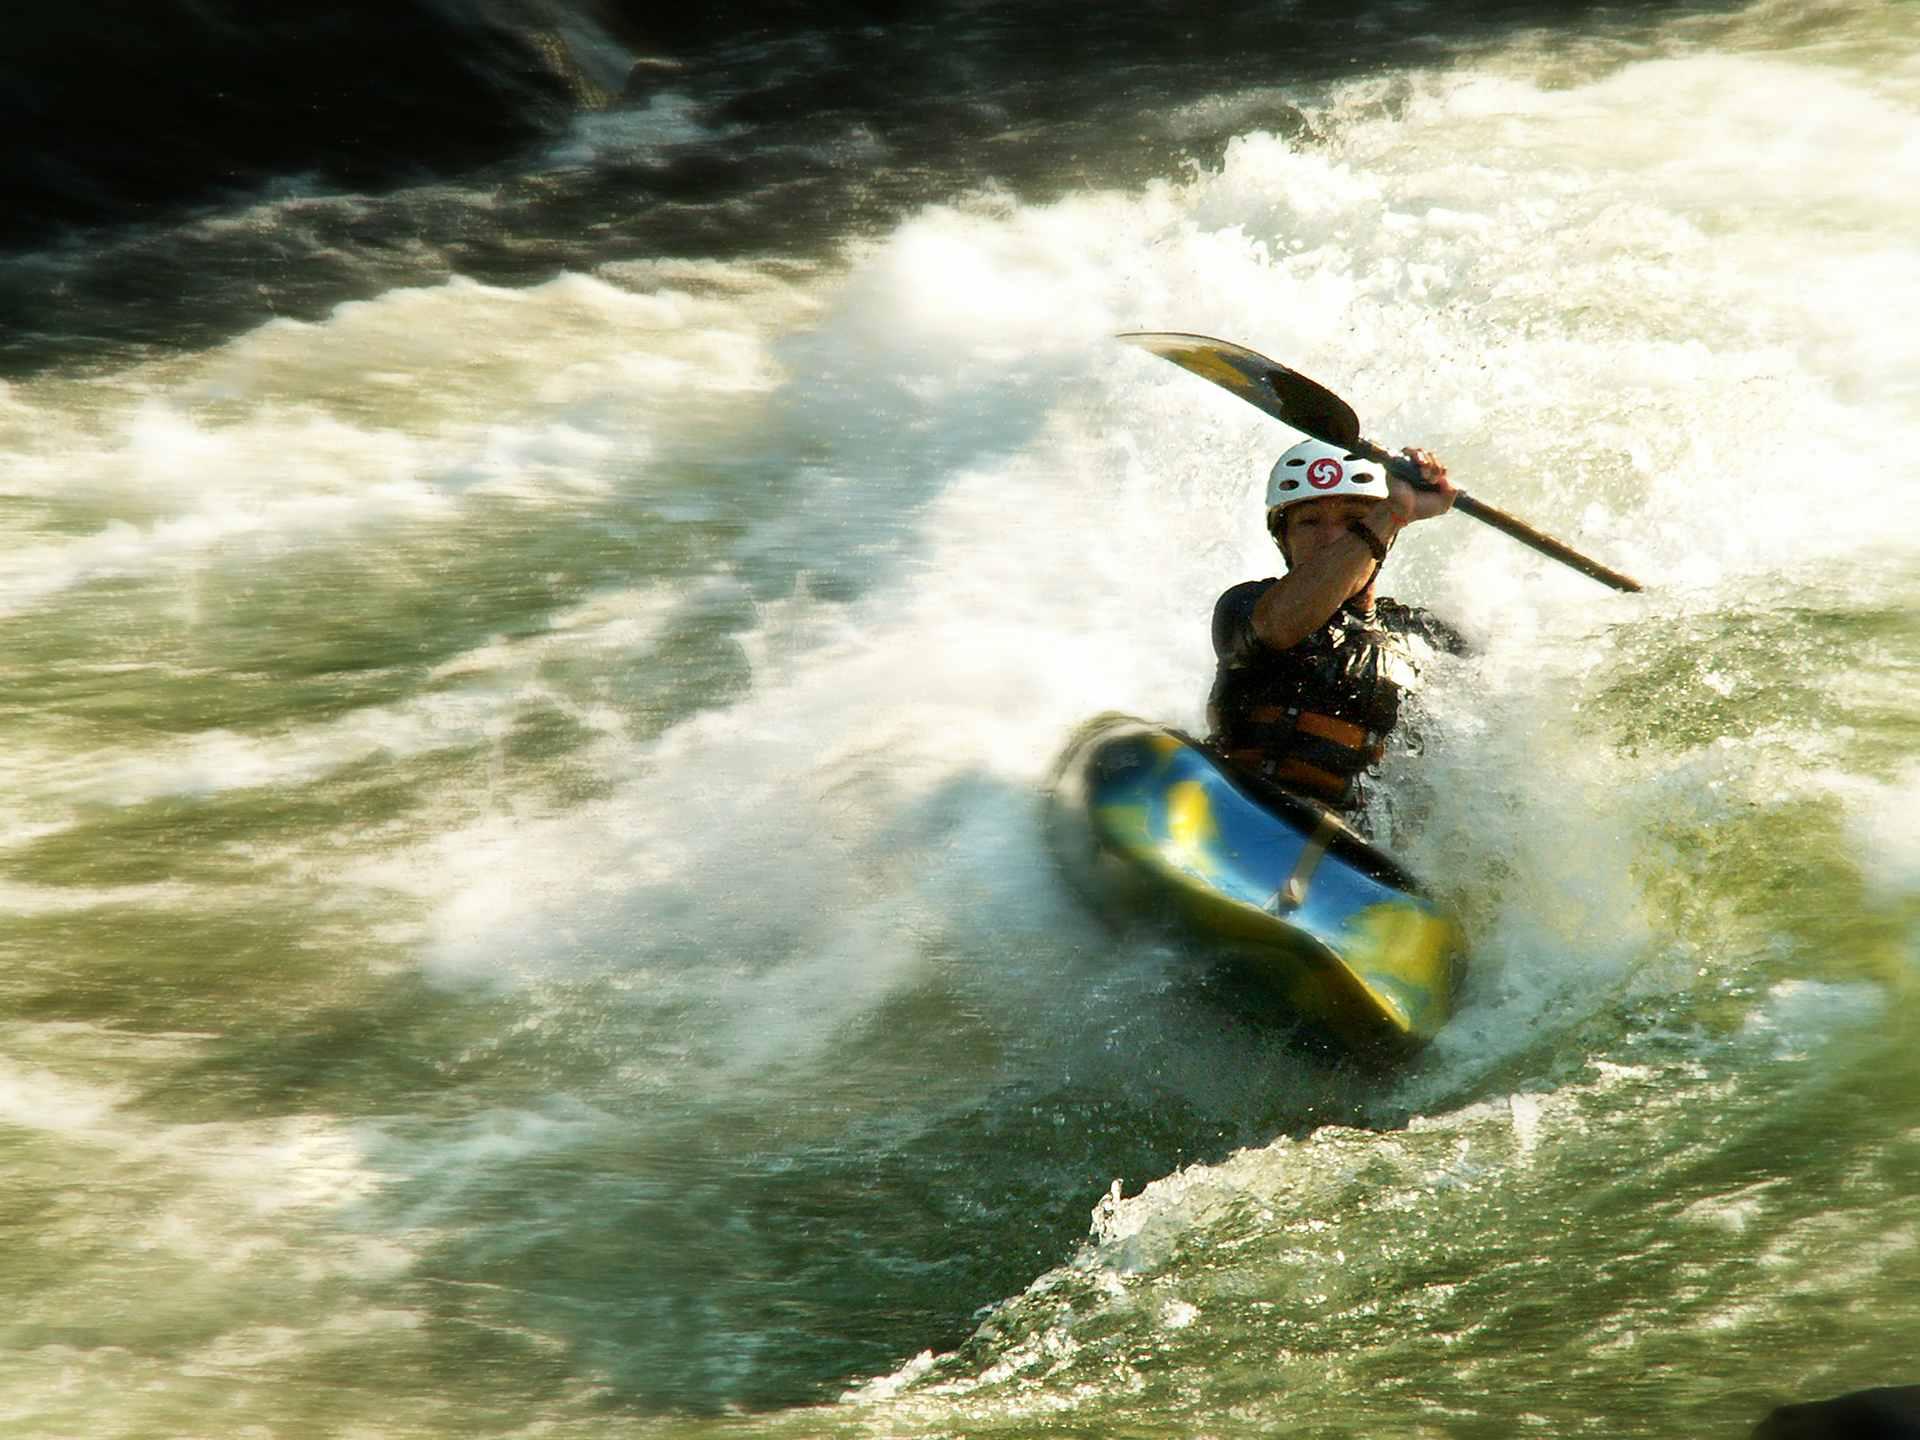 kayaking on white water